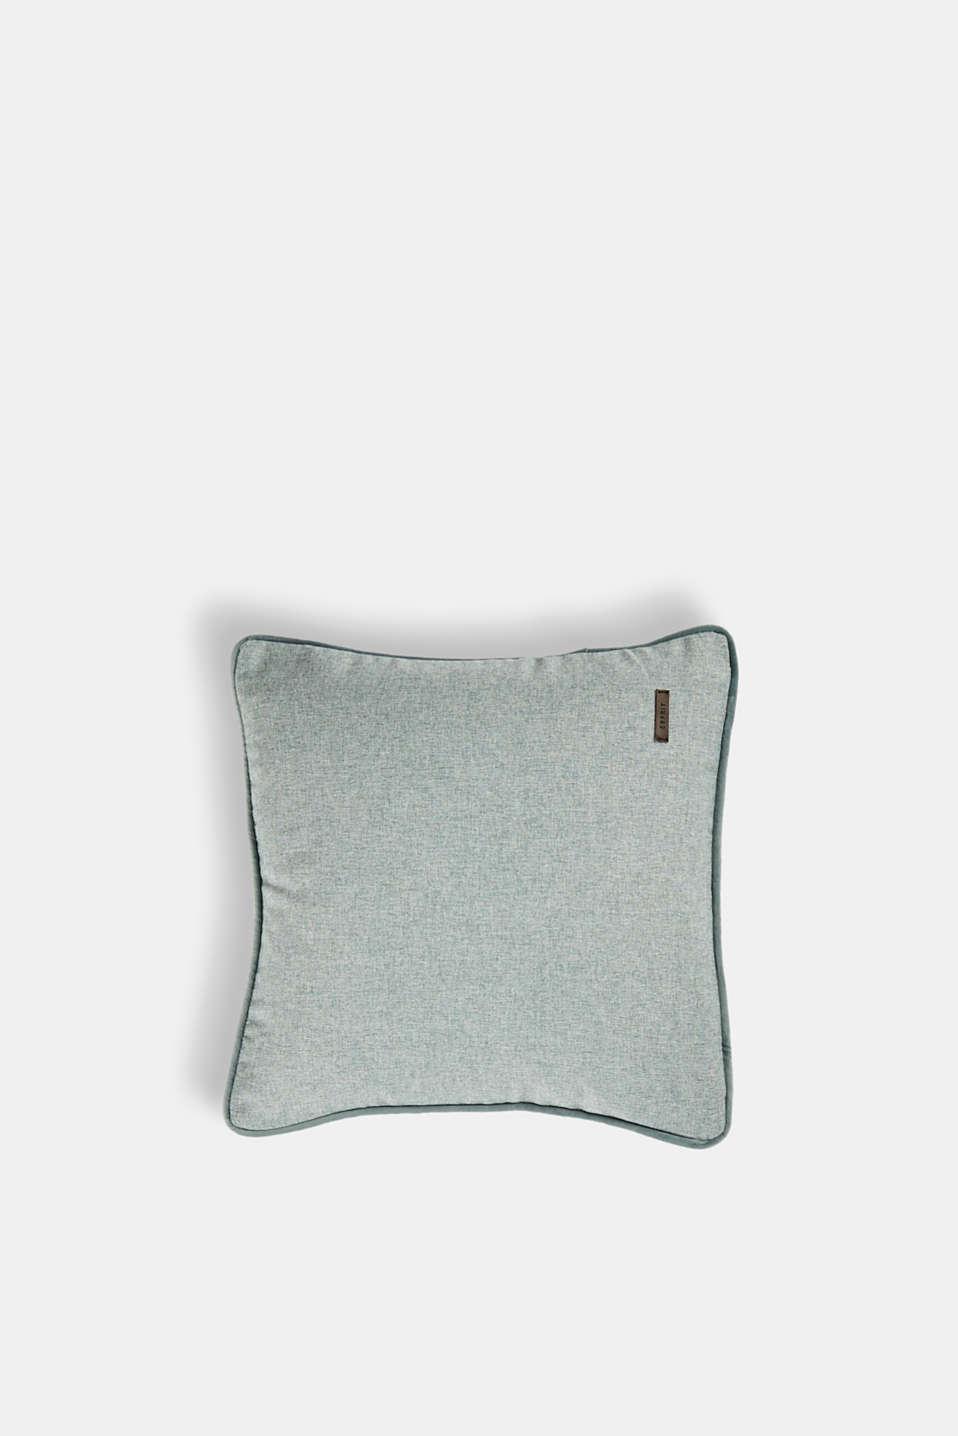 esprit housse de coussin passepoil en velours acheter sur la boutique en ligne. Black Bedroom Furniture Sets. Home Design Ideas